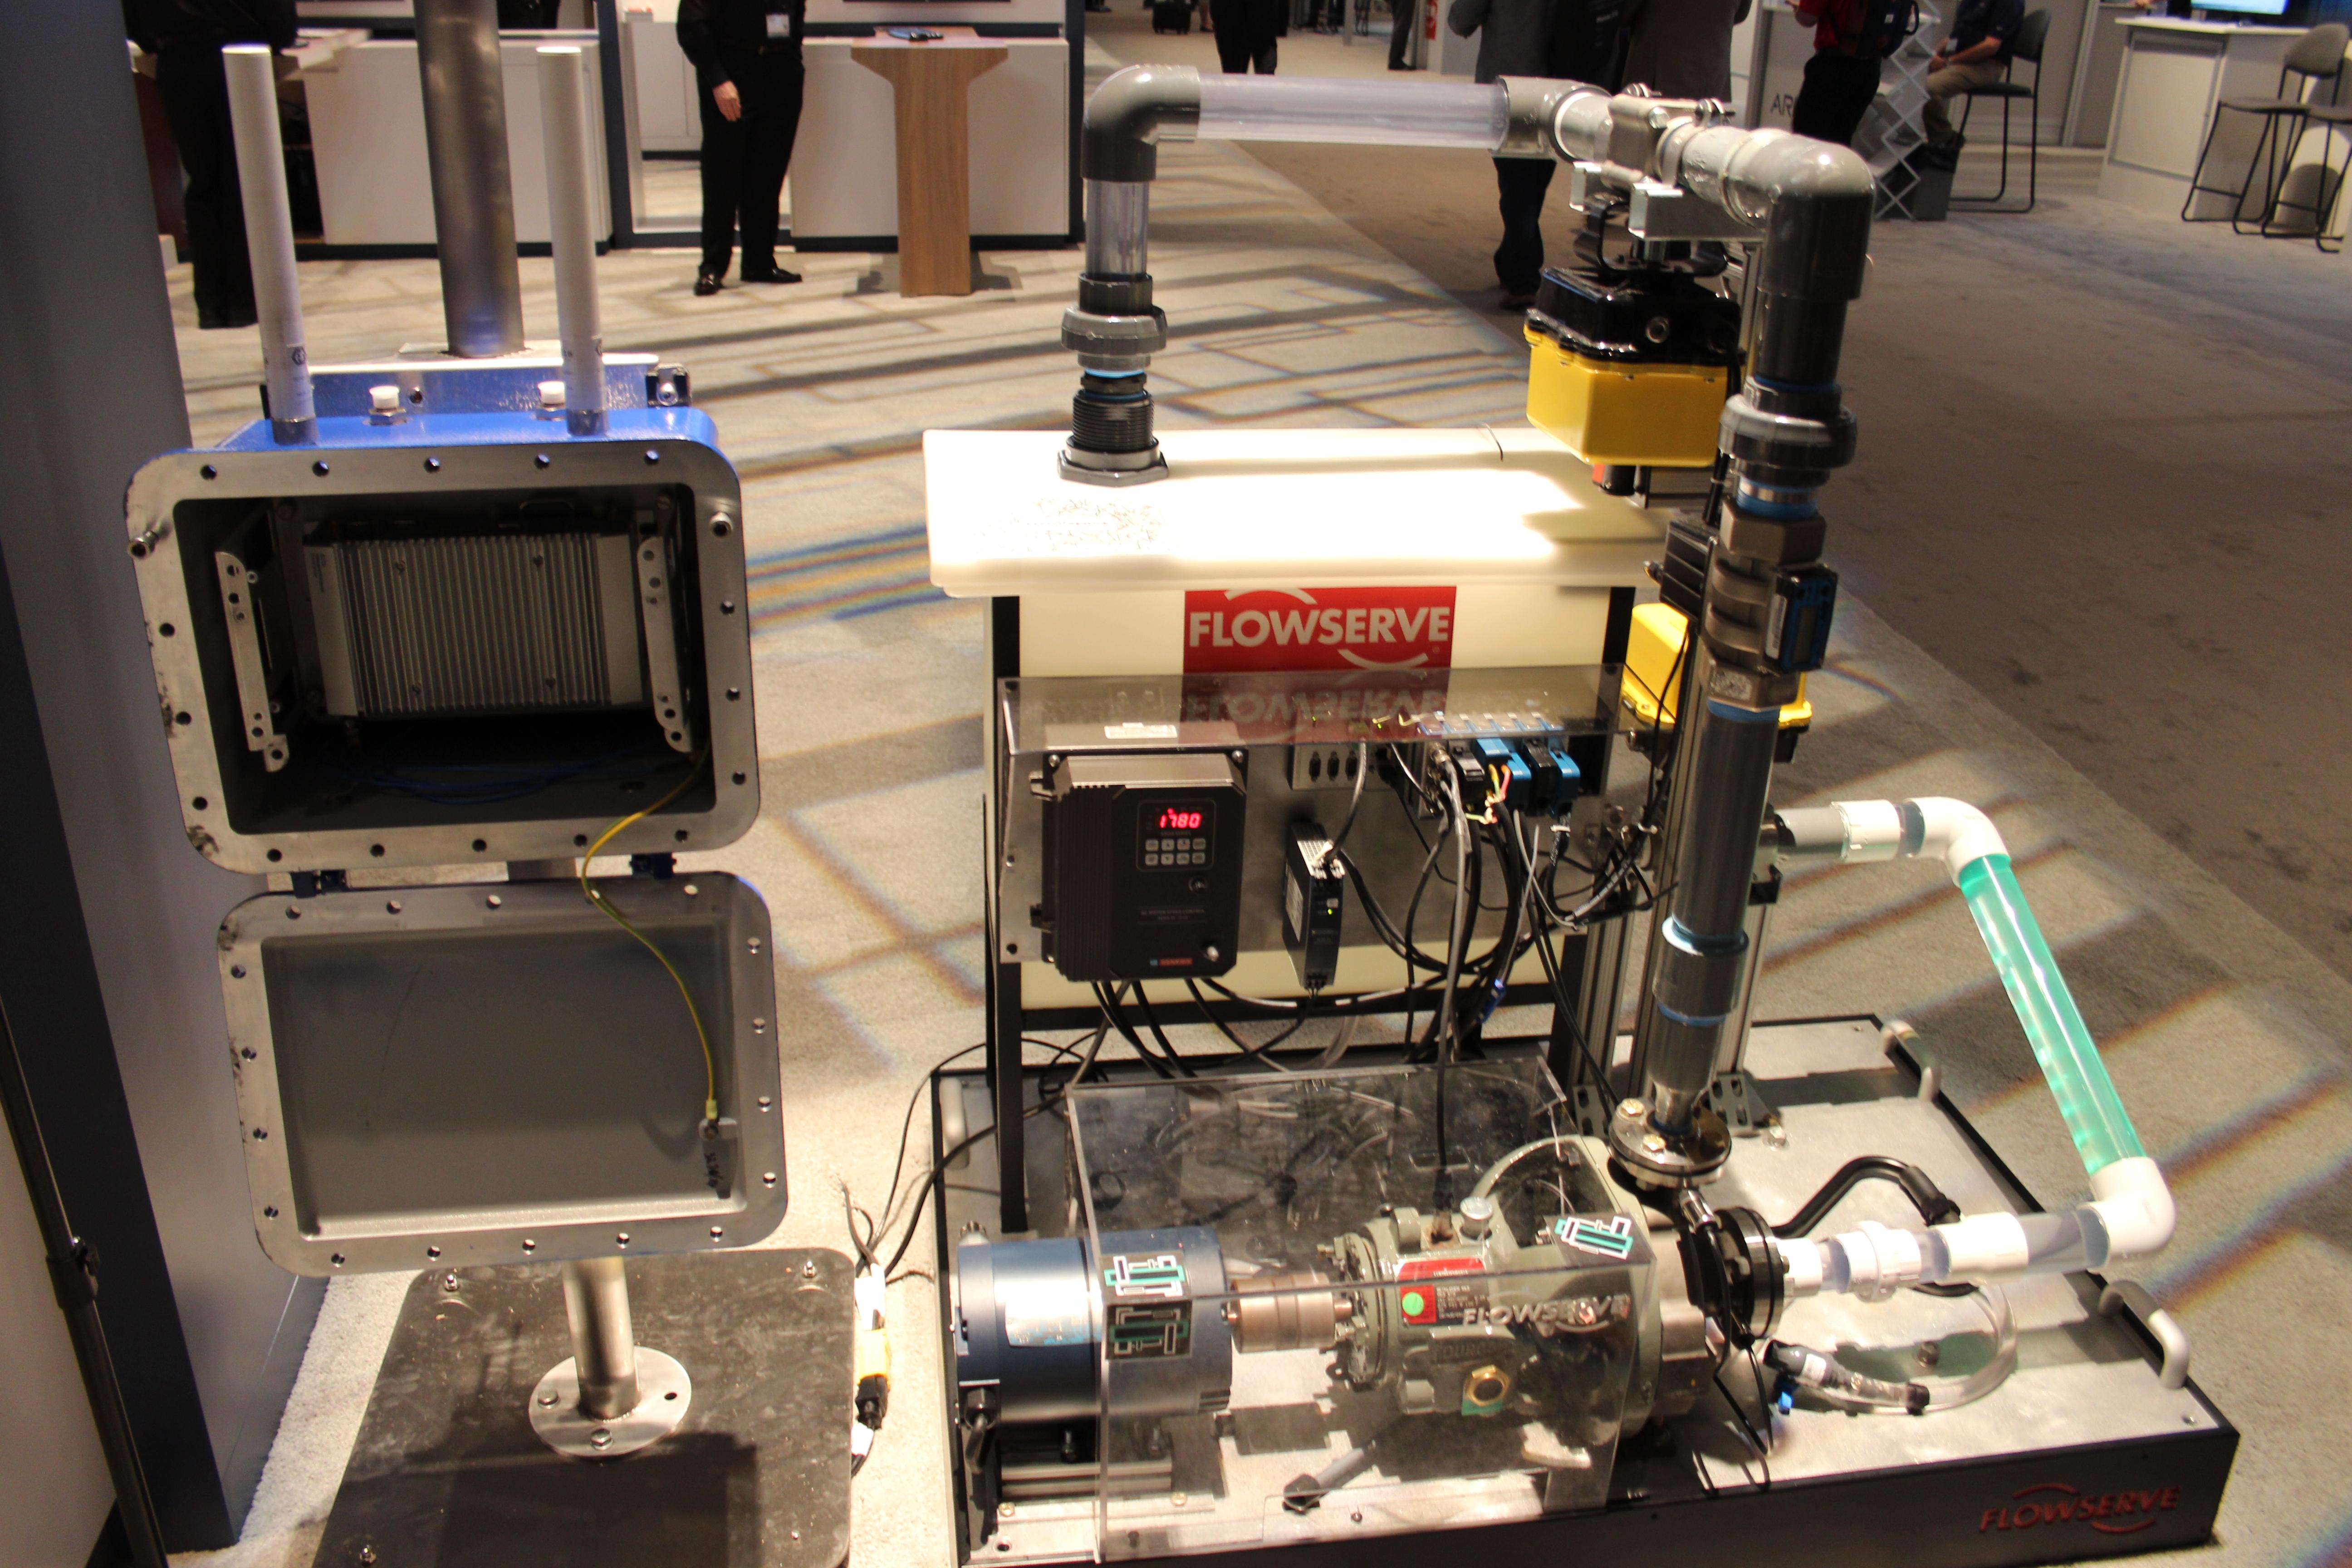 HPE FlowServe IoT pump